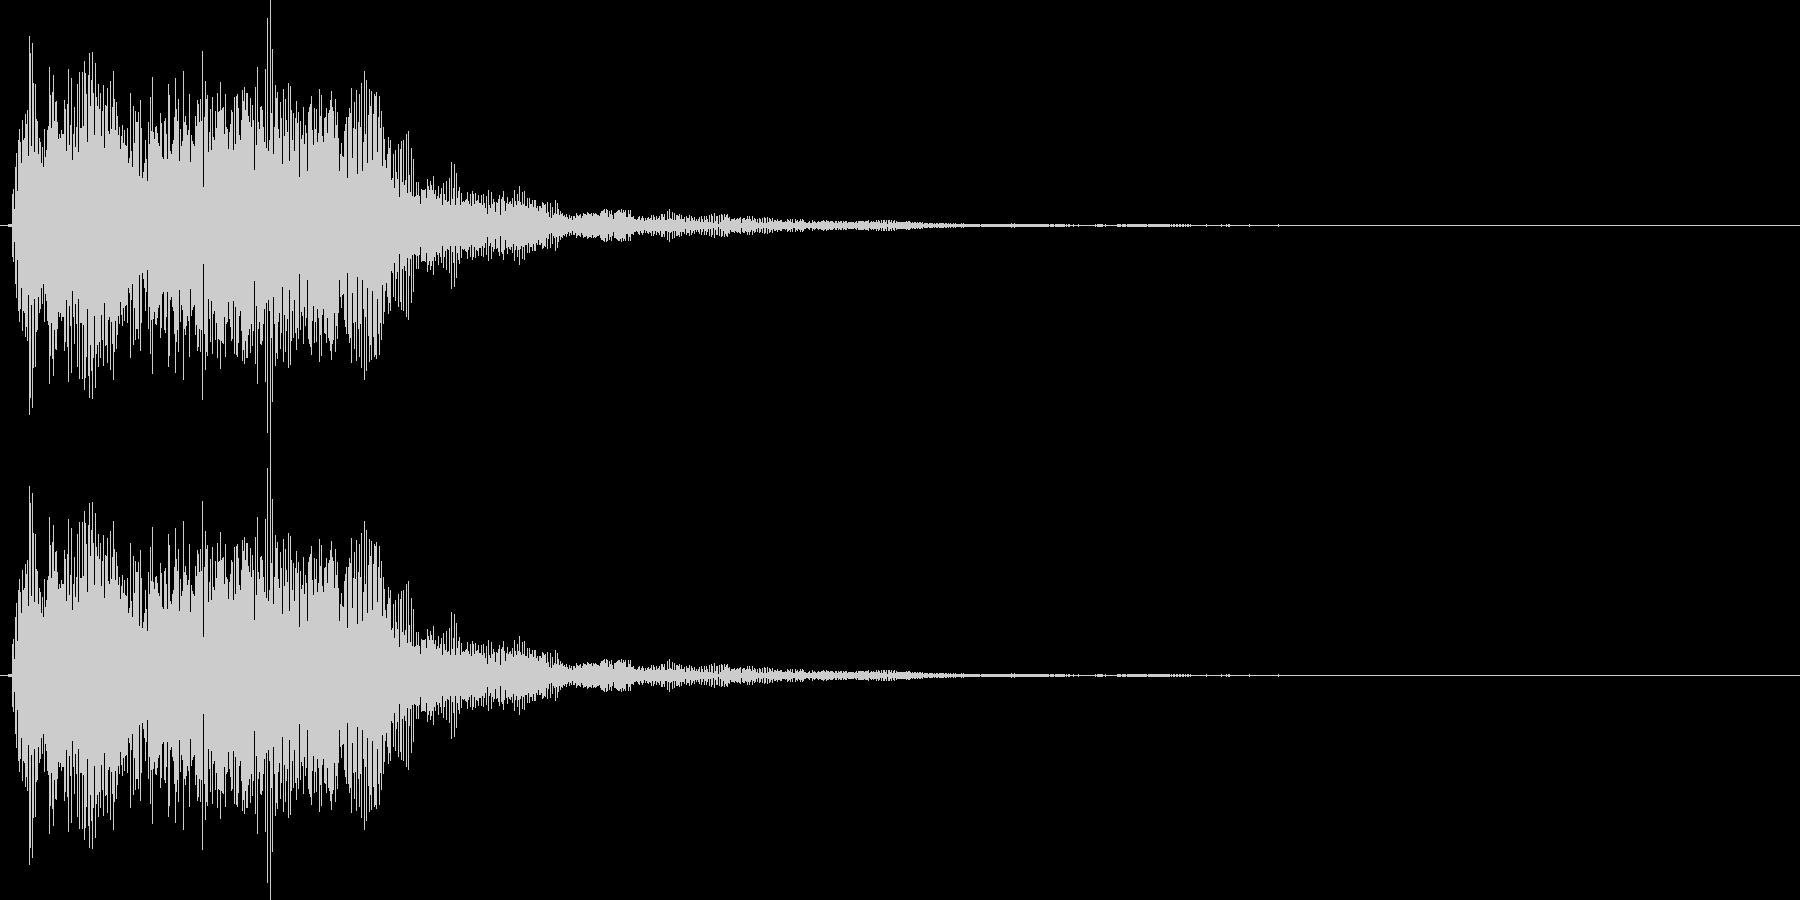 デデーン3 (クイズ出題系 音程高め)の未再生の波形